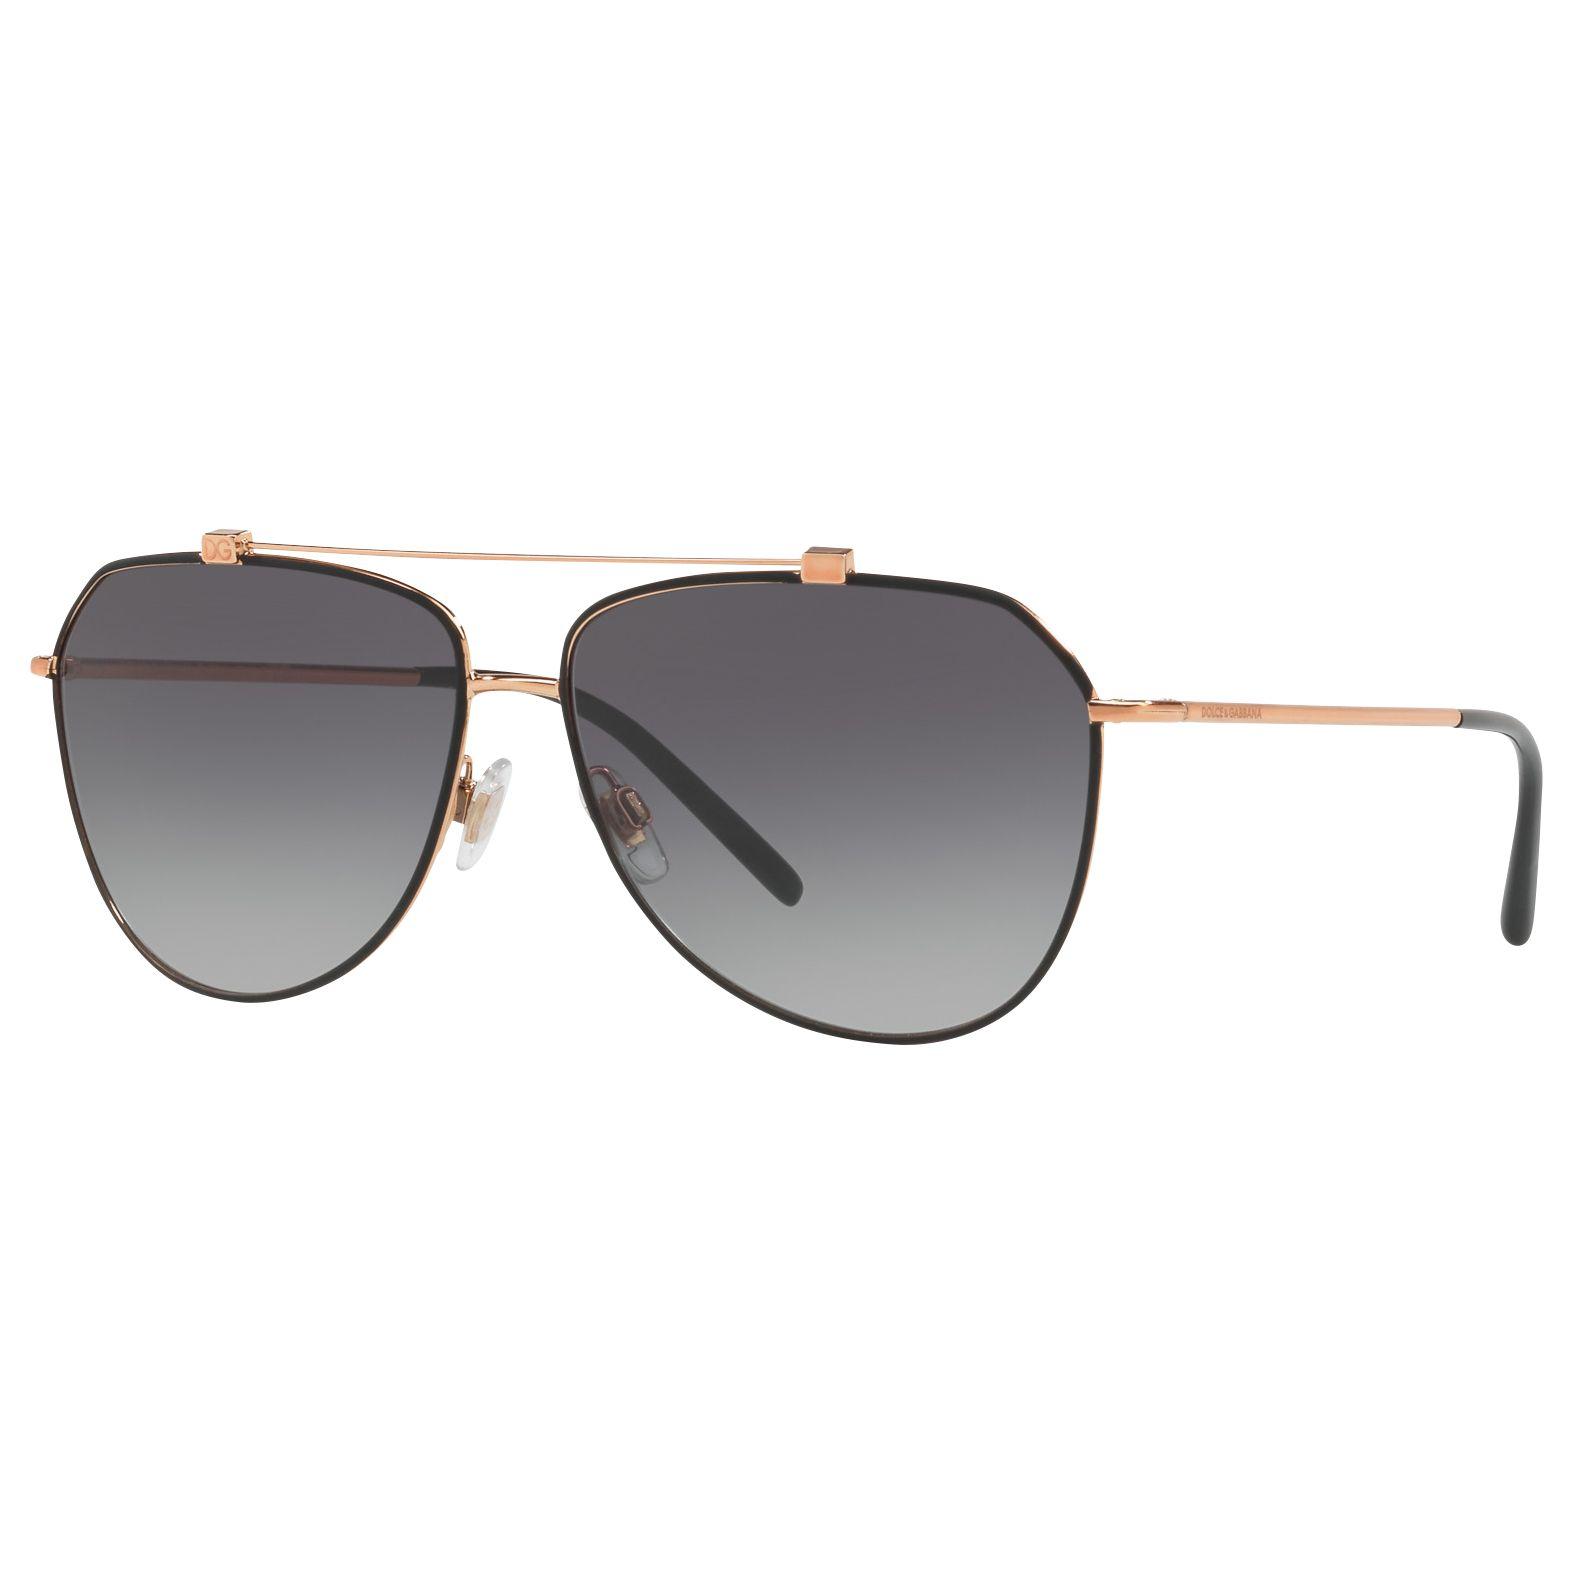 Dolce & Gabbana Dolce & Gabbana DG2190 Aviator Sunglasses, Gry Grd